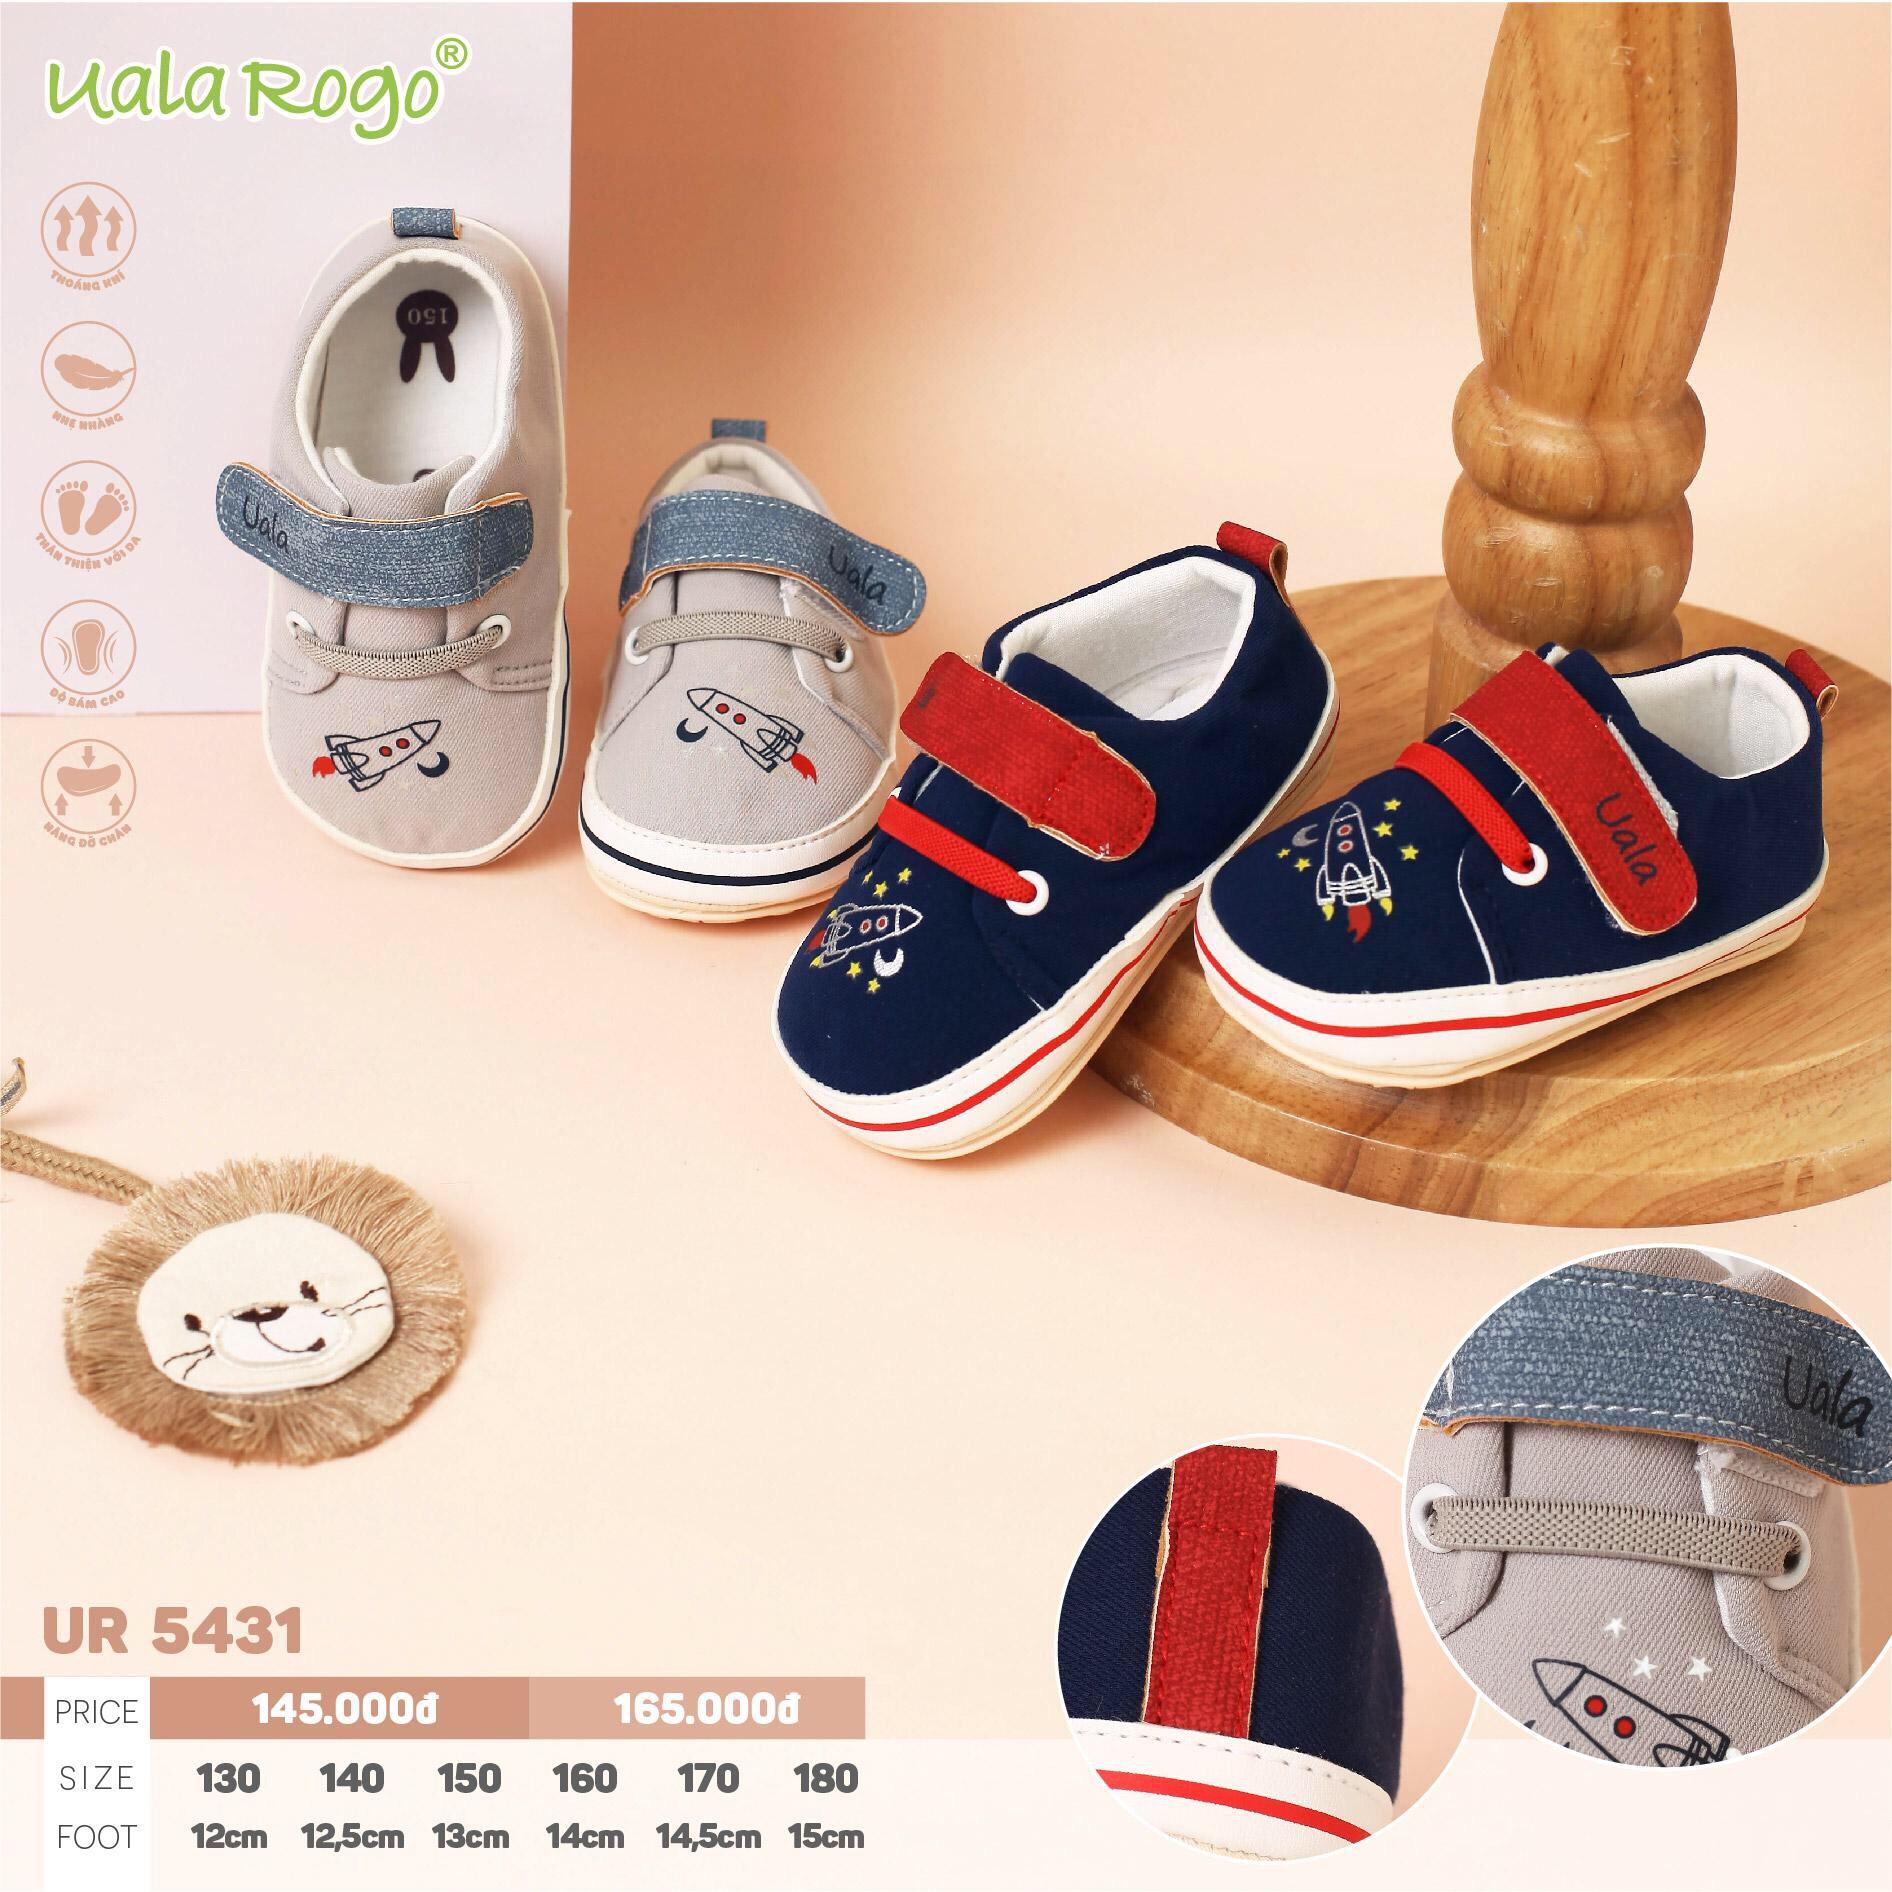 UR5431 - Giày tập đi cho bé gái Uala Rogo đế cao su non